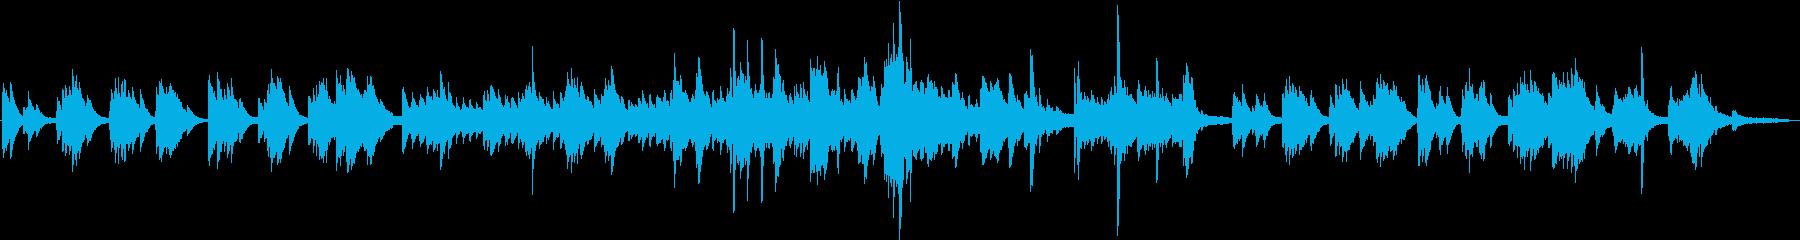 穏やかな癒しのピアノの再生済みの波形